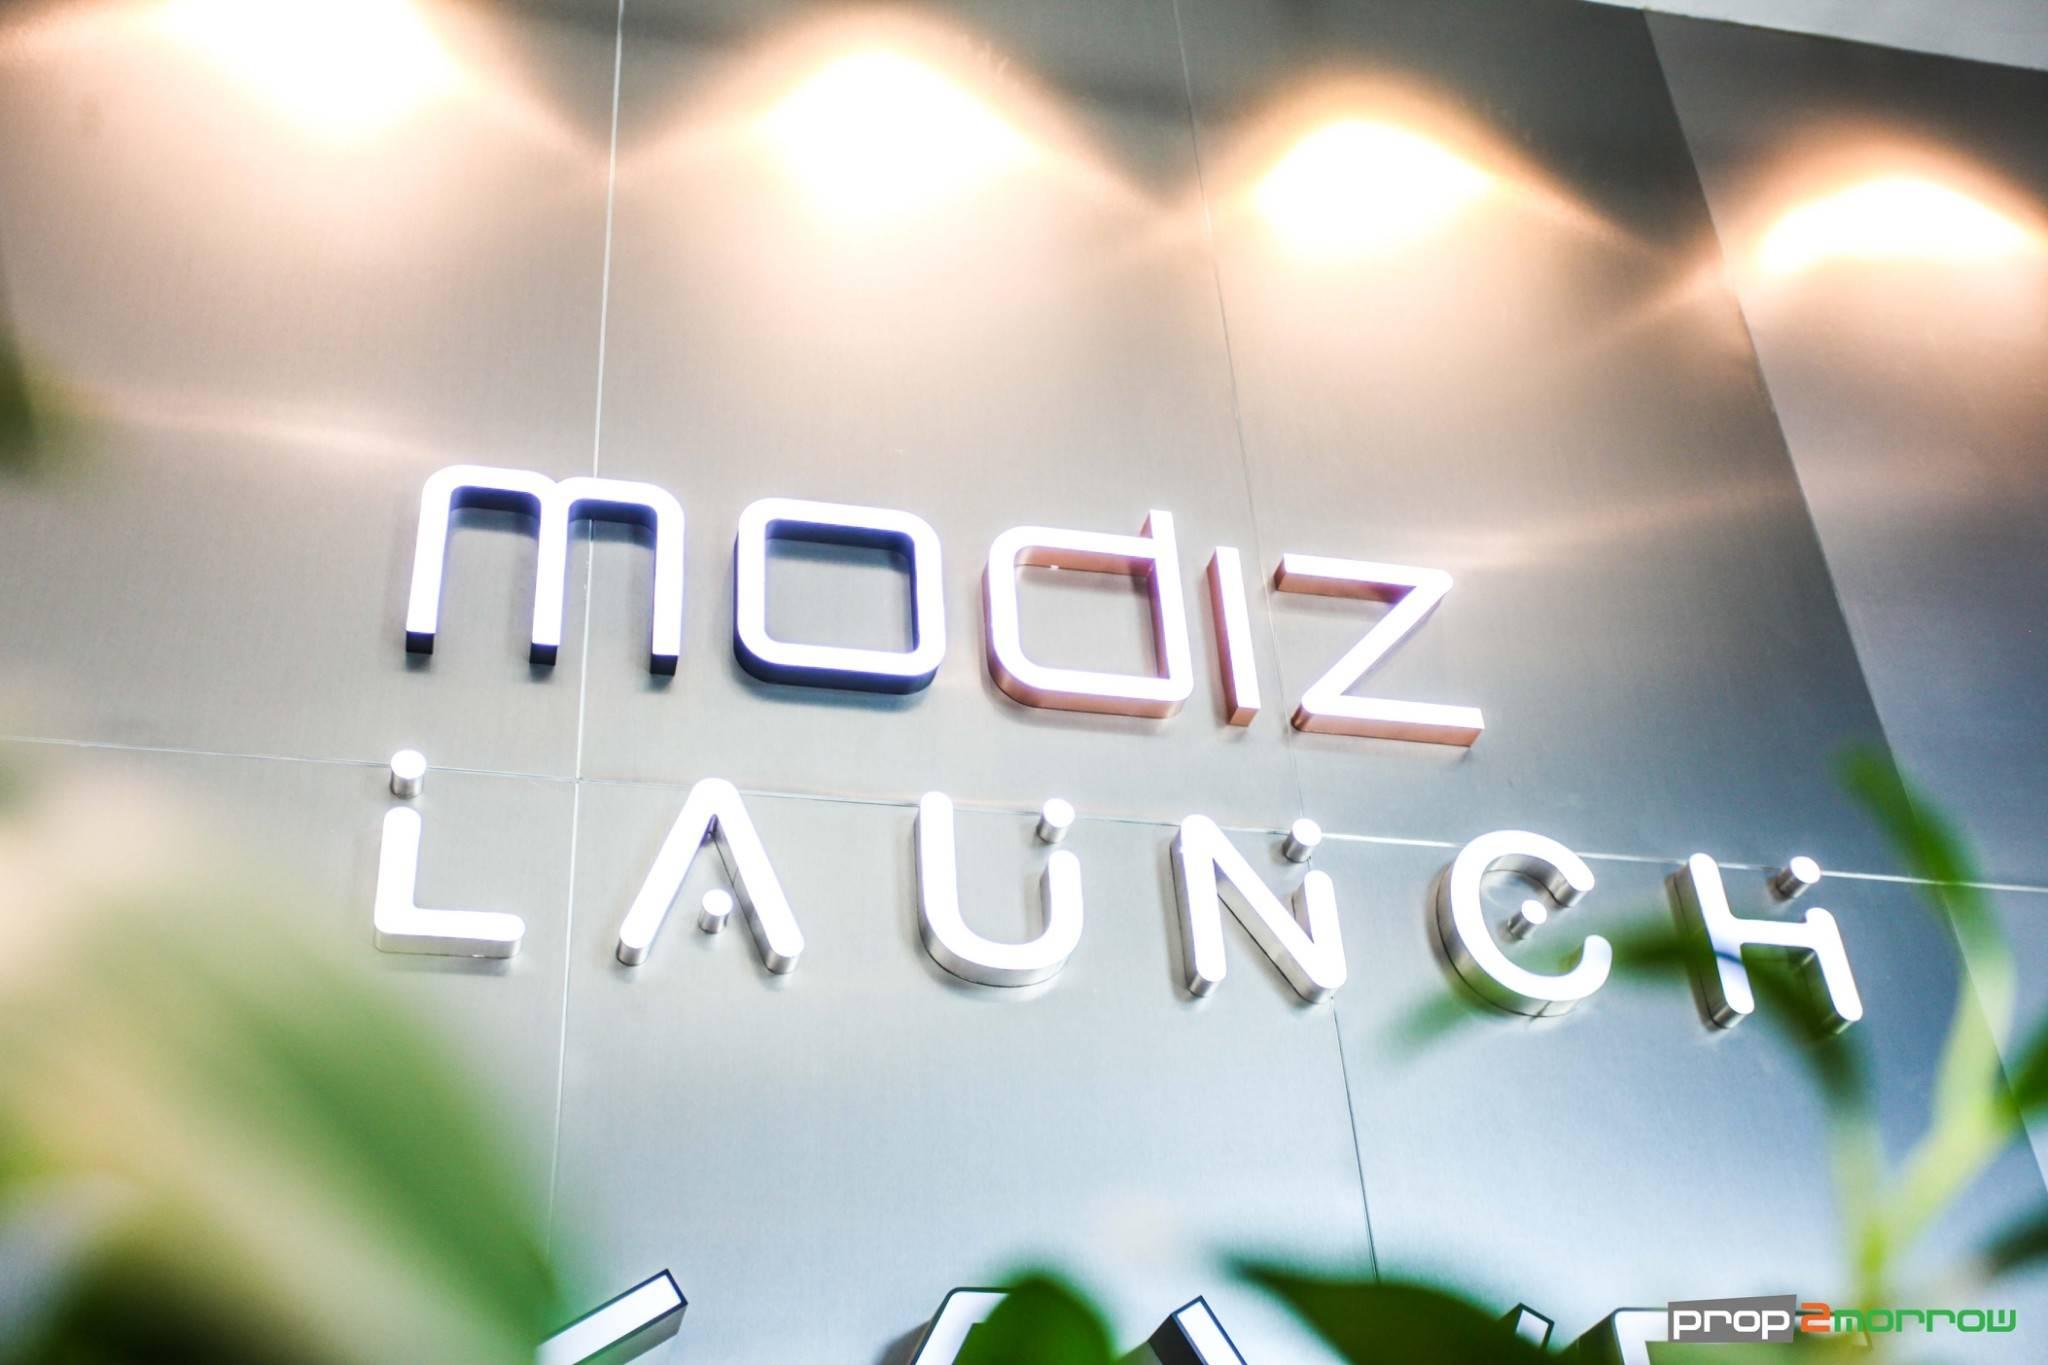 ที่สุดในย่านธรรมศาสตร์รังสิต ใช้ชีวิตอย่างเหนือระดับที่ Modiz Launch | Prop2Morrow บ้าน คอนโด ข่าวอสังหาฯ